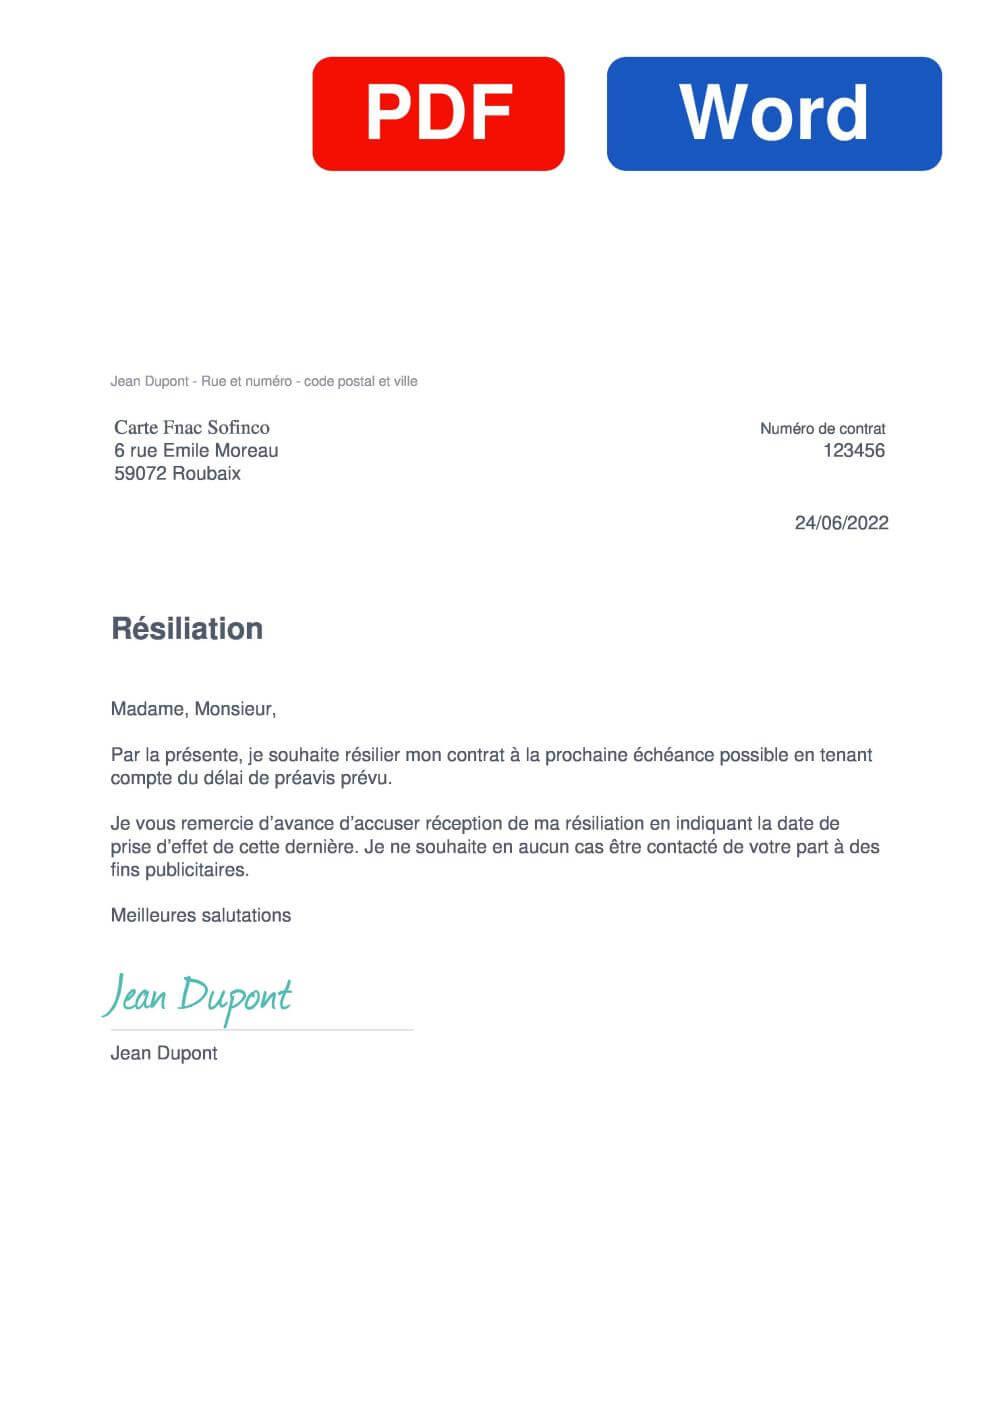 Resilier Fnac Lettre De Resiliation Gratuit